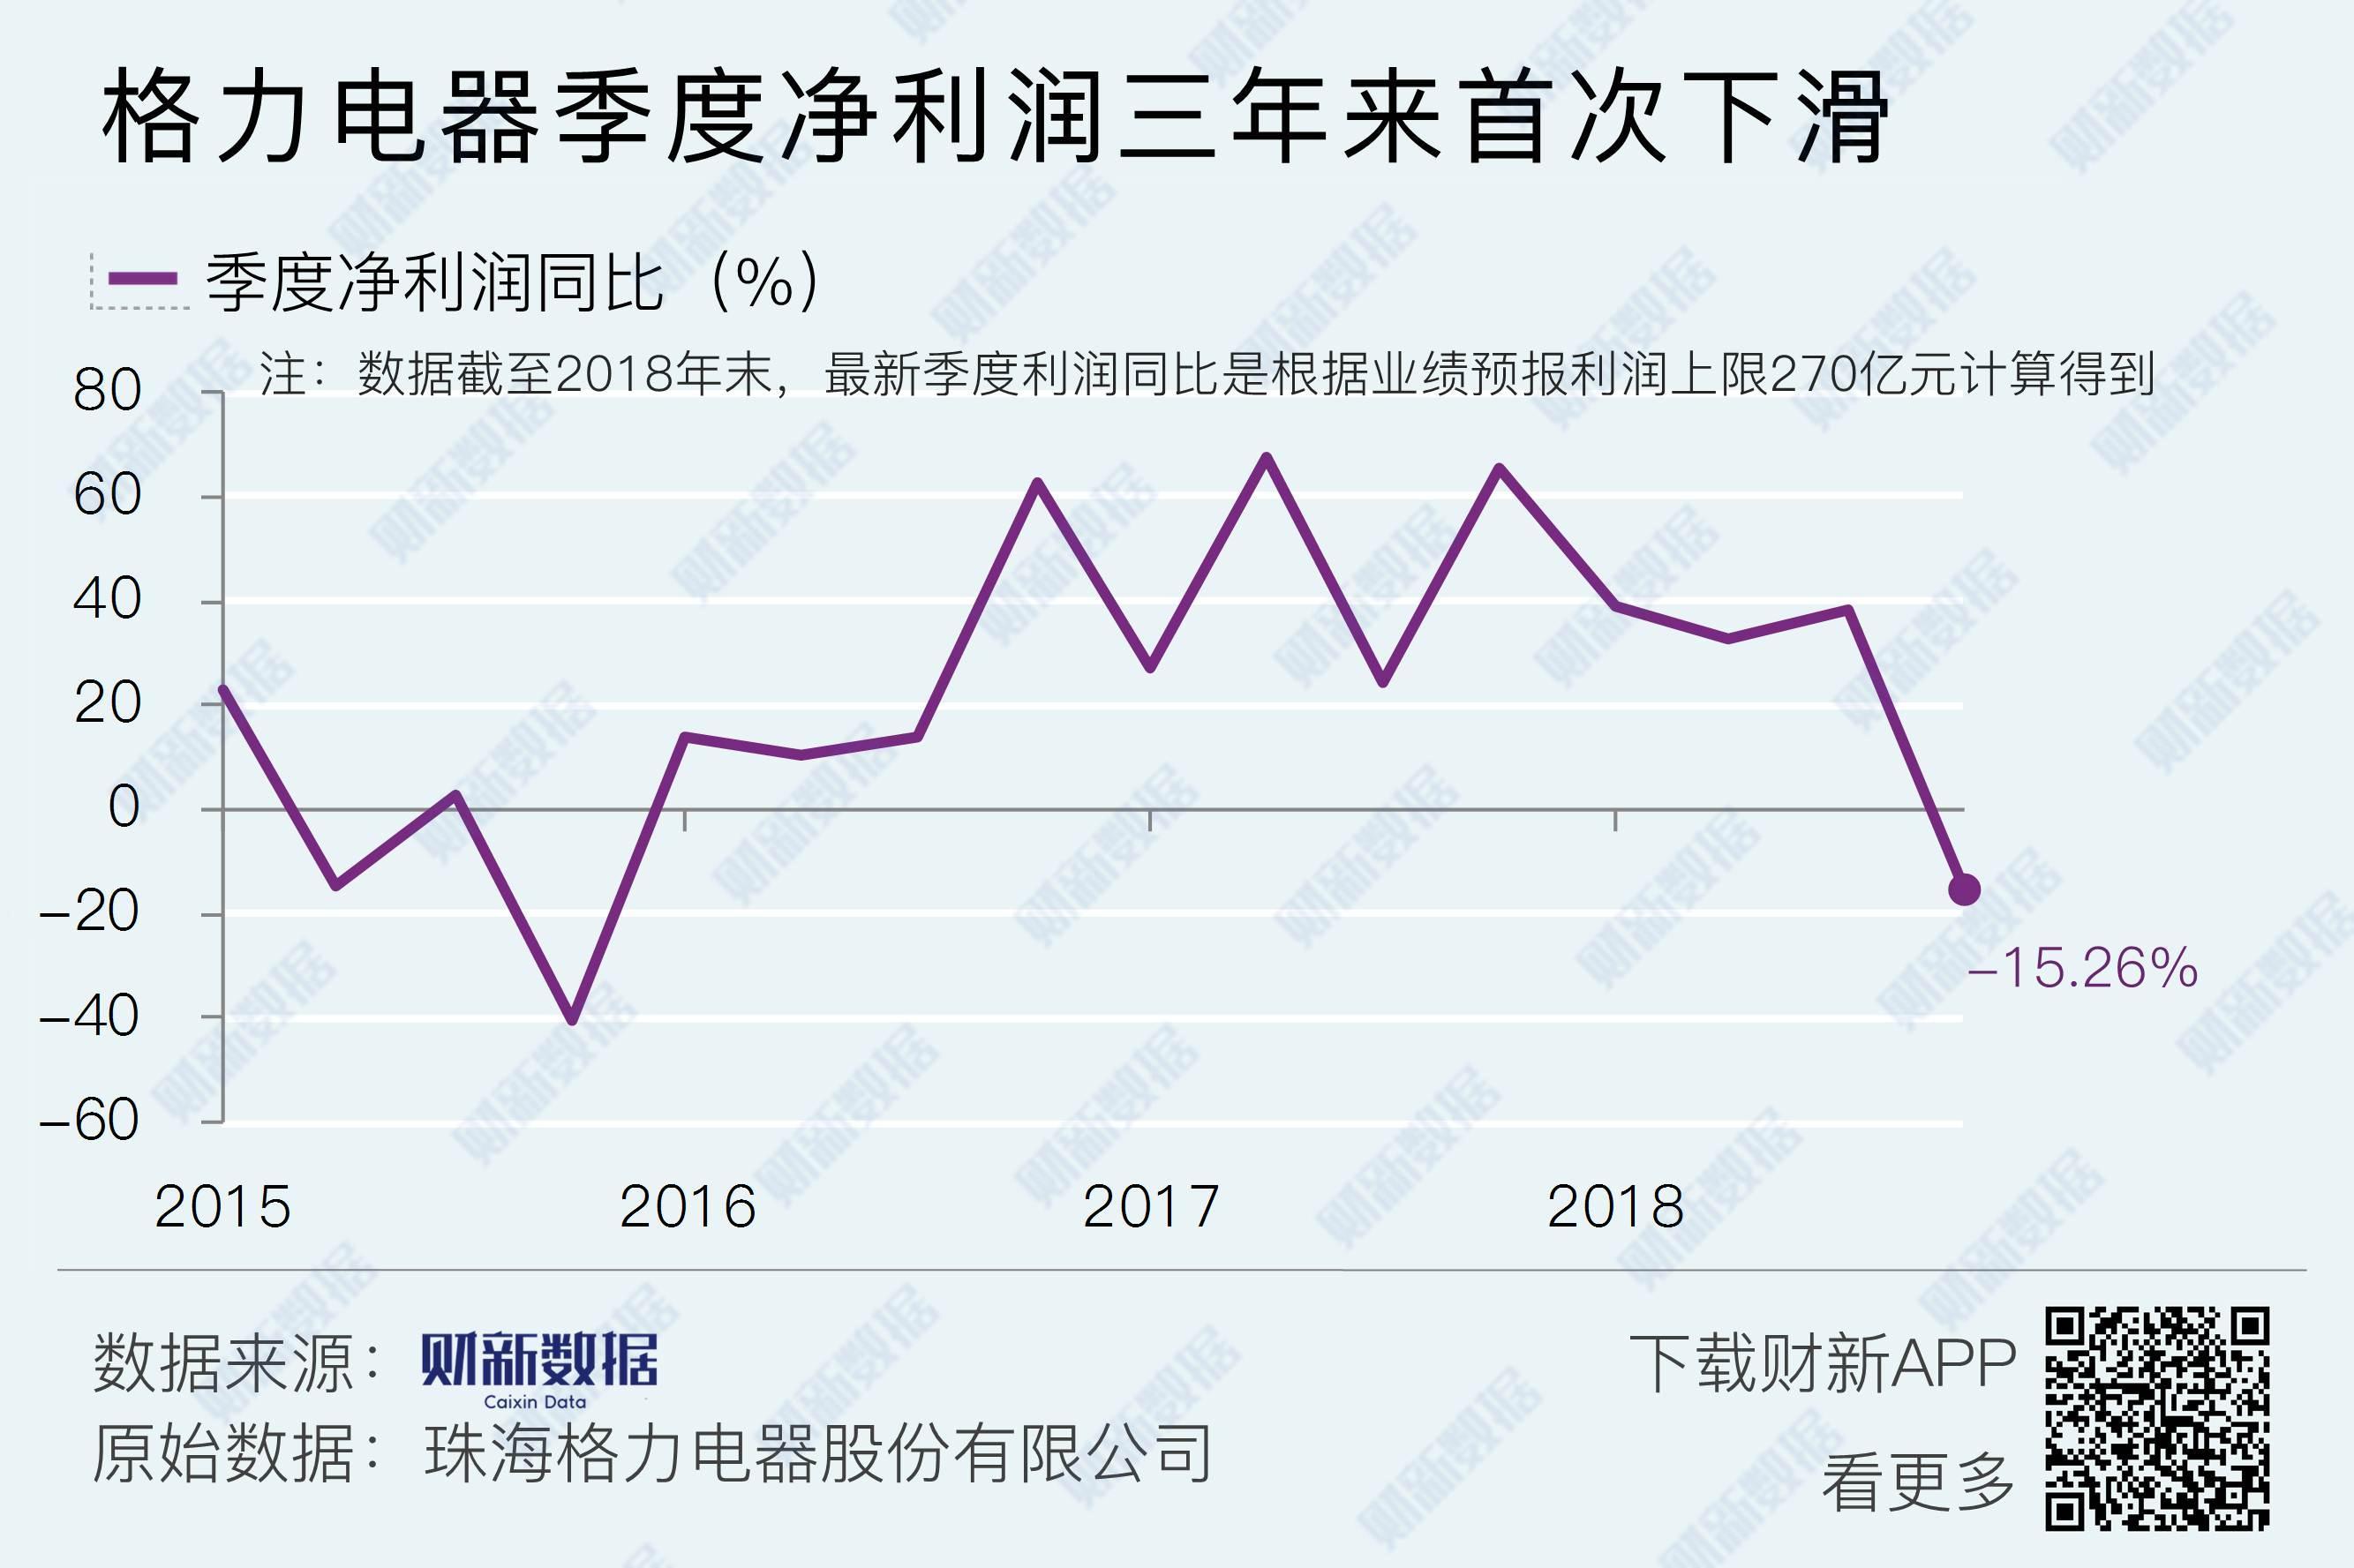 格力电器季度净利润三年来首次下滑